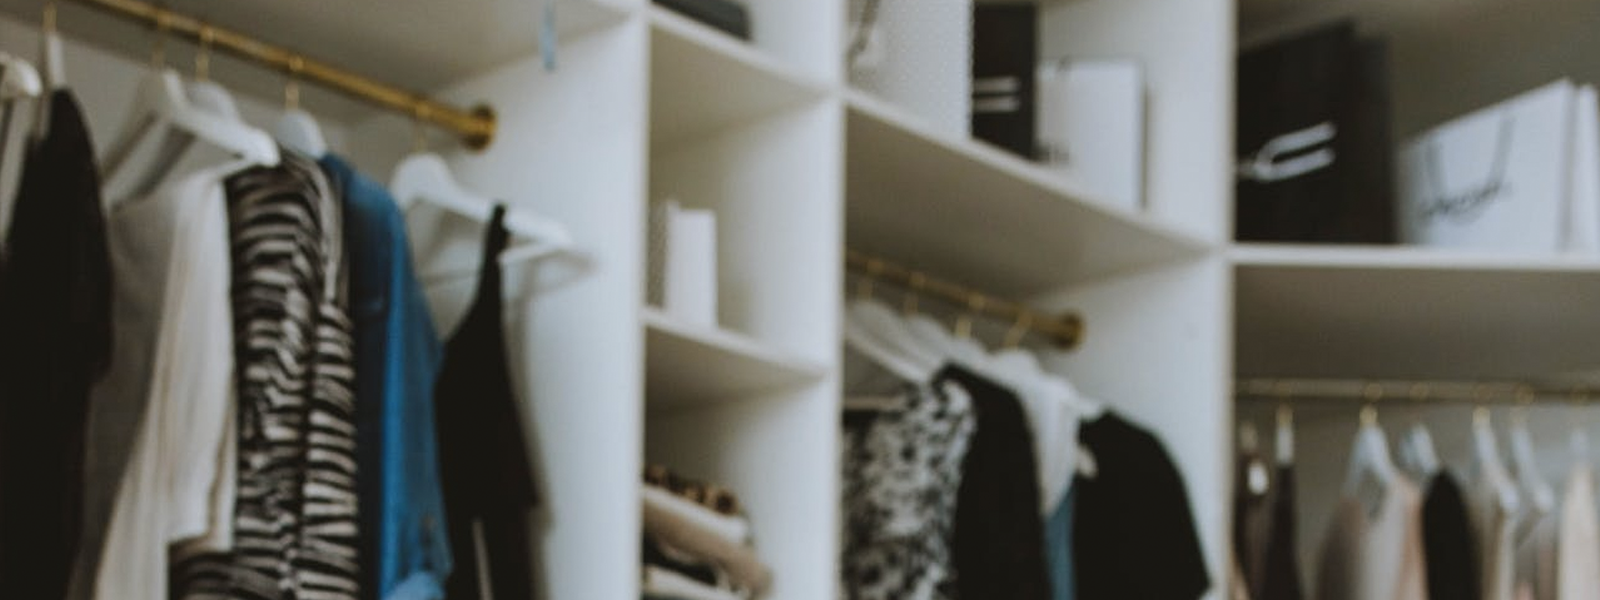 [Slow Fashion]Comment entretenir et bien ranger ses vêtements dans son placard ?